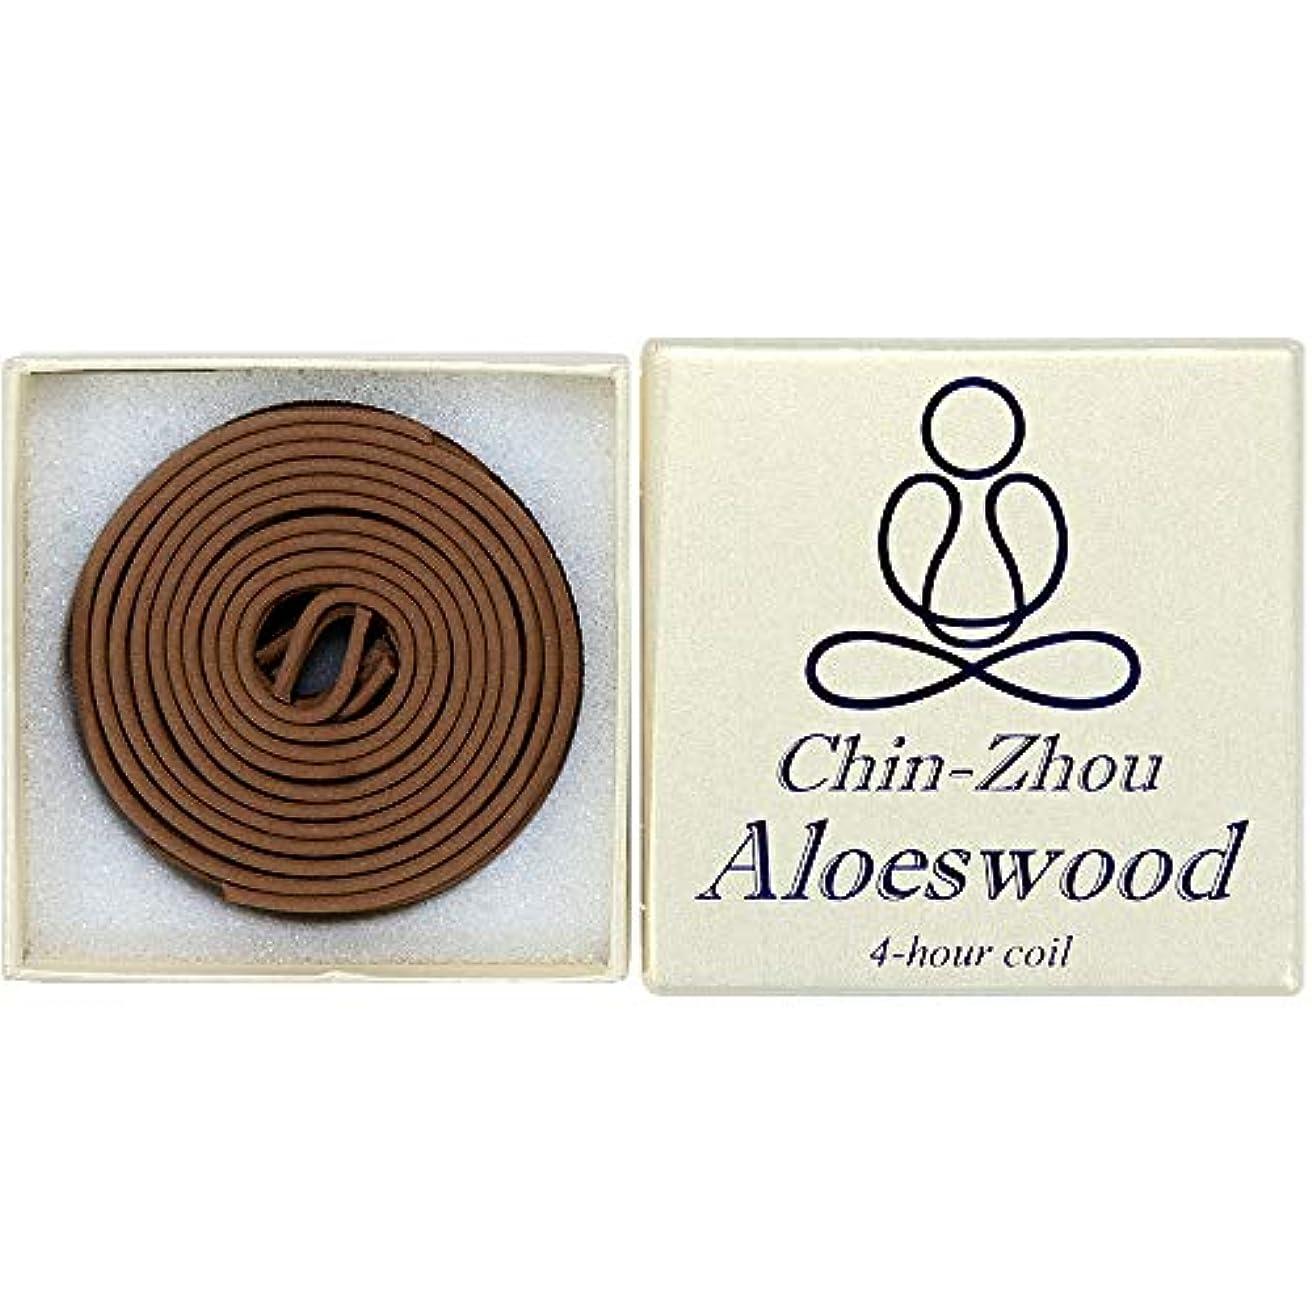 コーデリア配分提案する12ピース4-hour chin-zhou Aloeswoodコイル – 100 % Natural – f023t